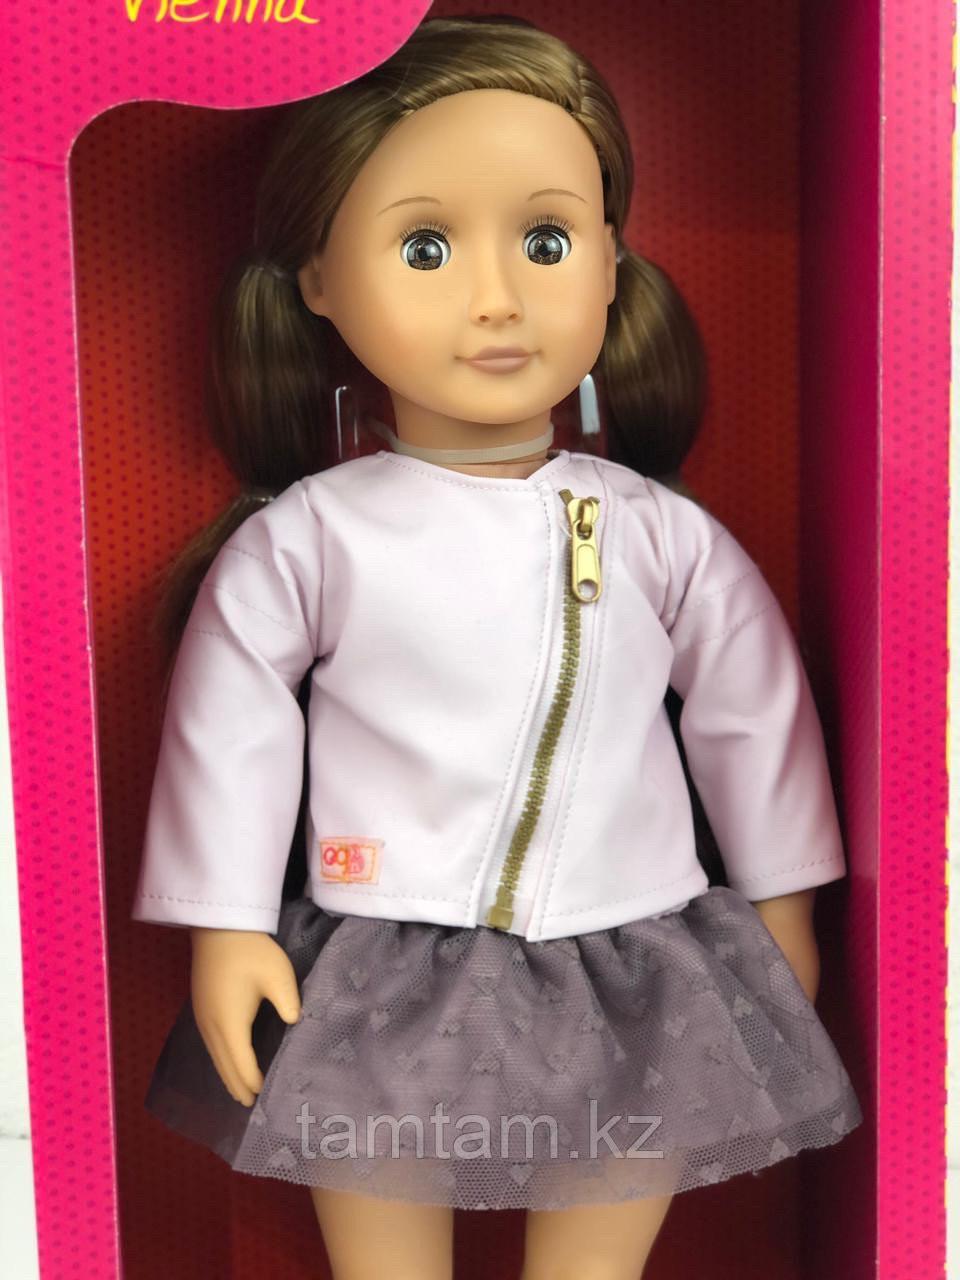 """Кукла """"Виена в розовой кожаной курткe"""" 46 см от Our Generation/ Канада - фото 2"""